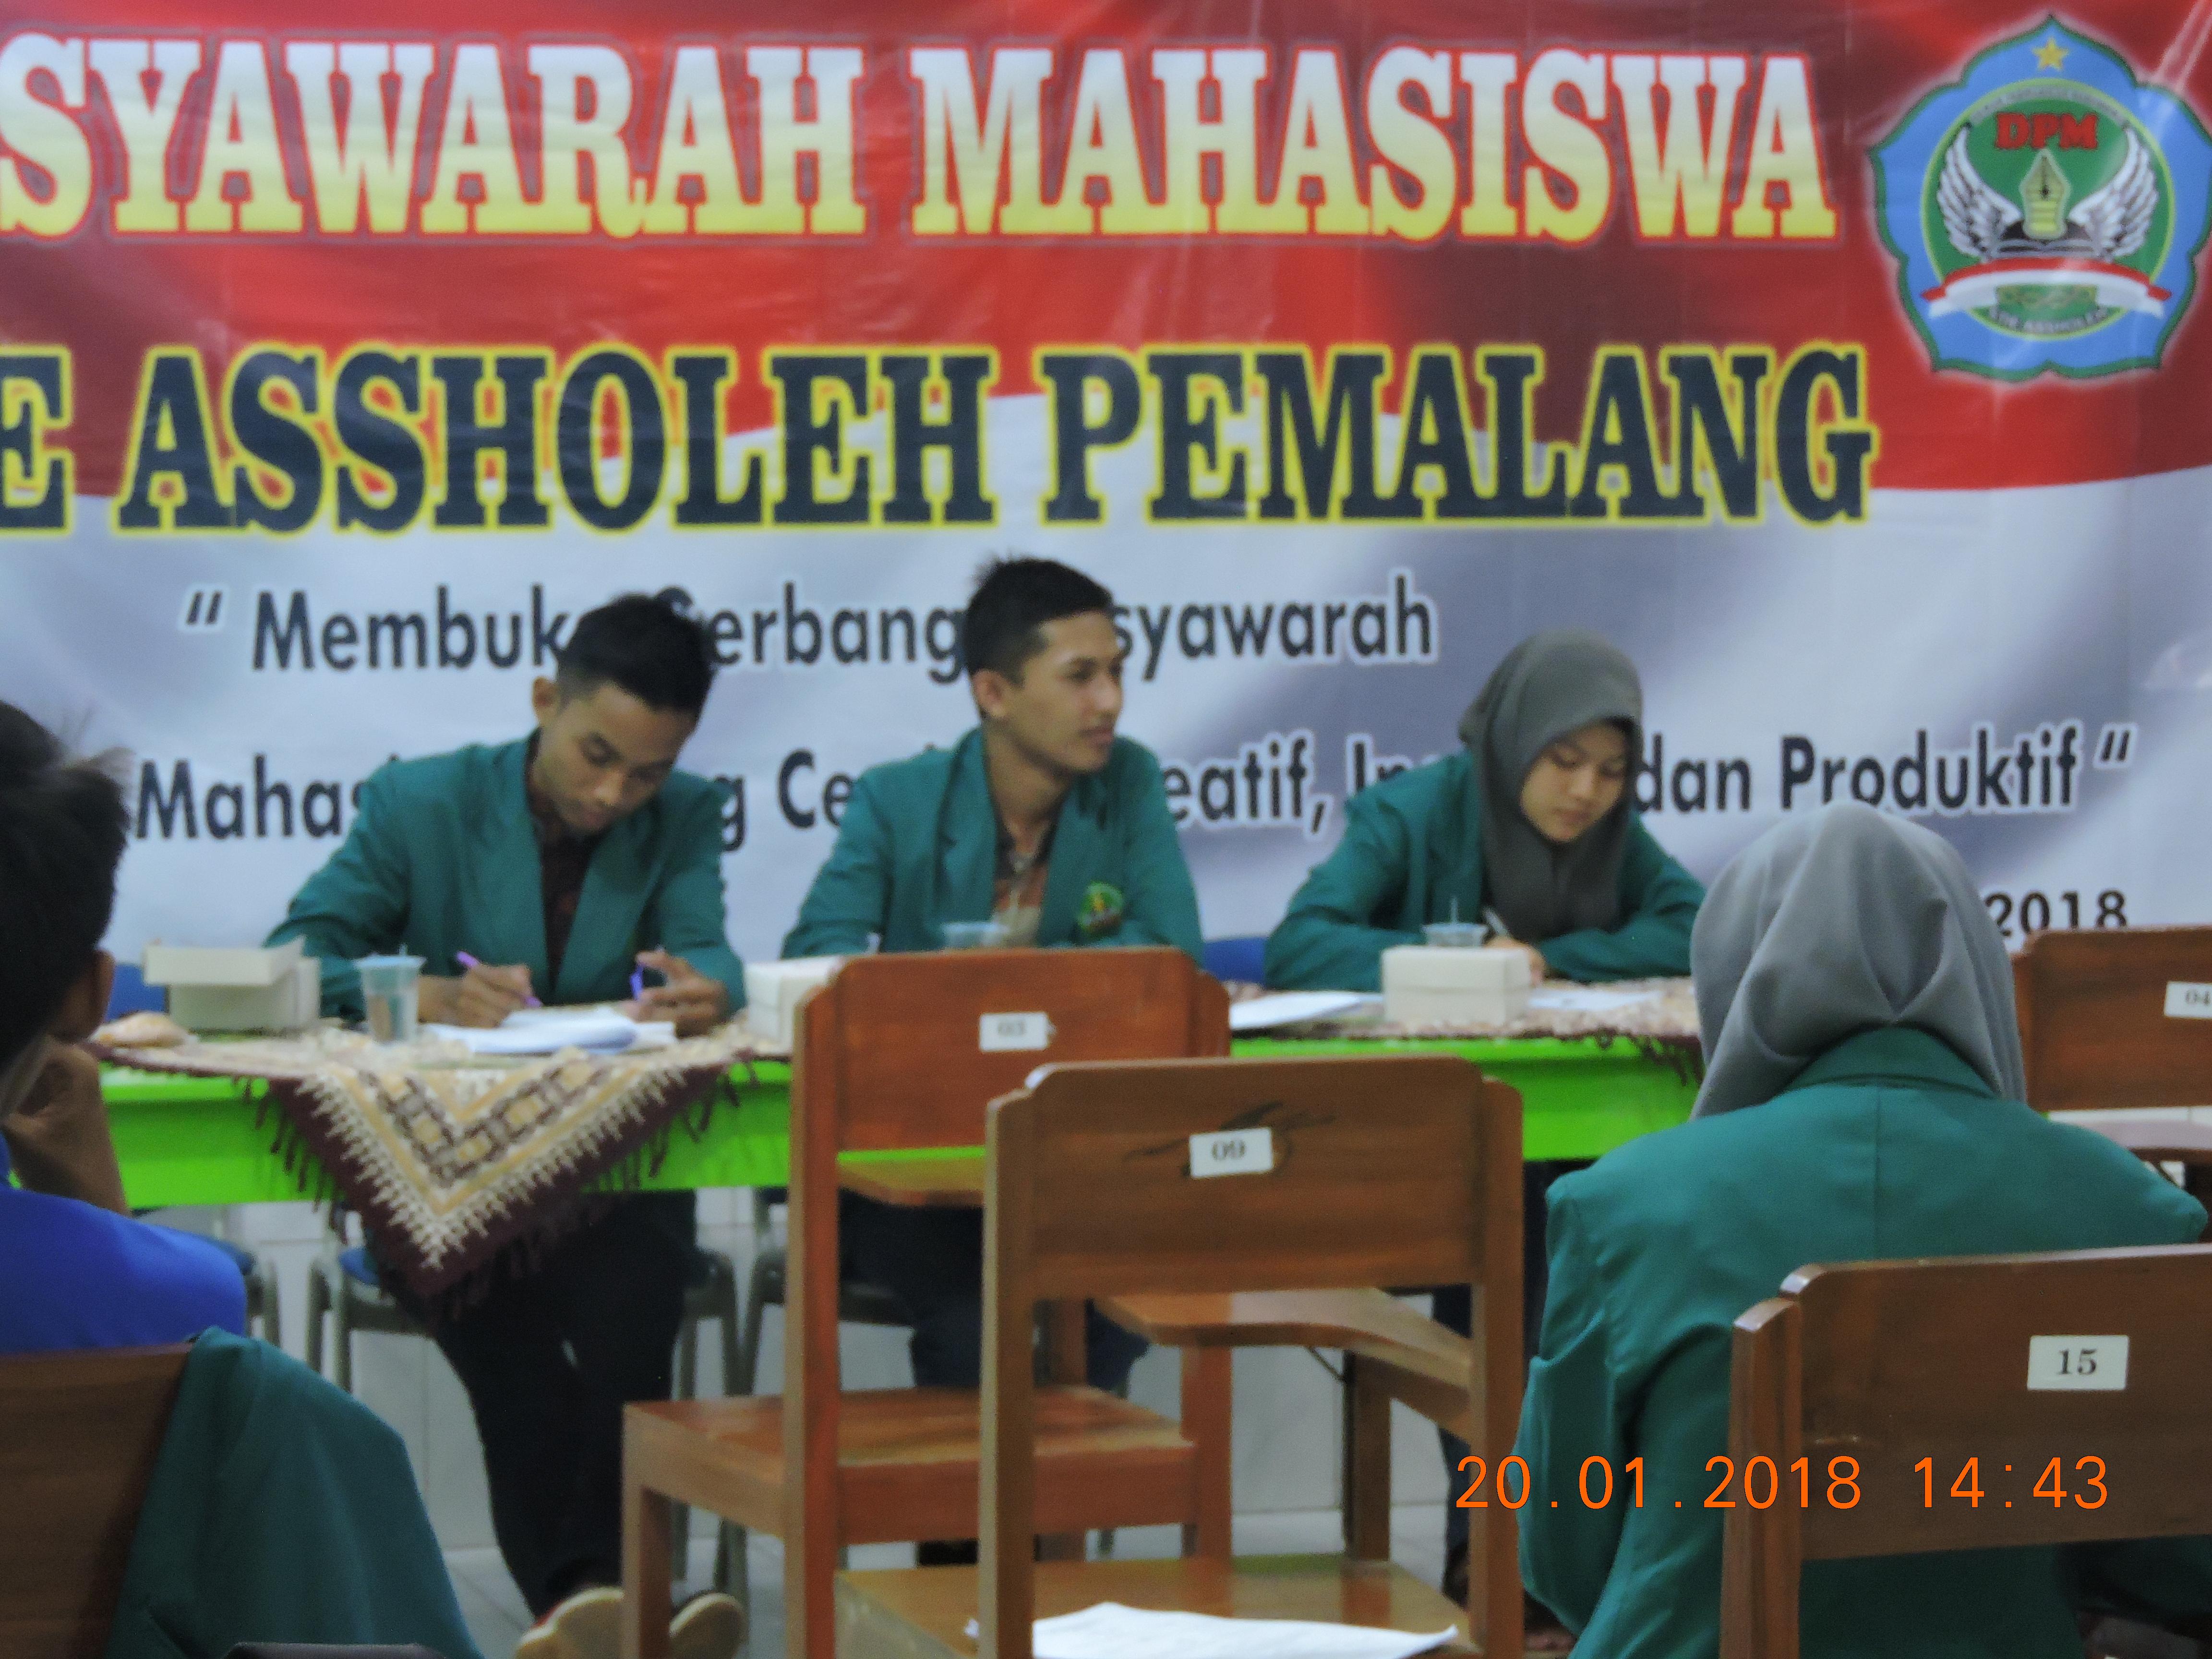 Musyawarah Mahasiswa 20 Januari 2018